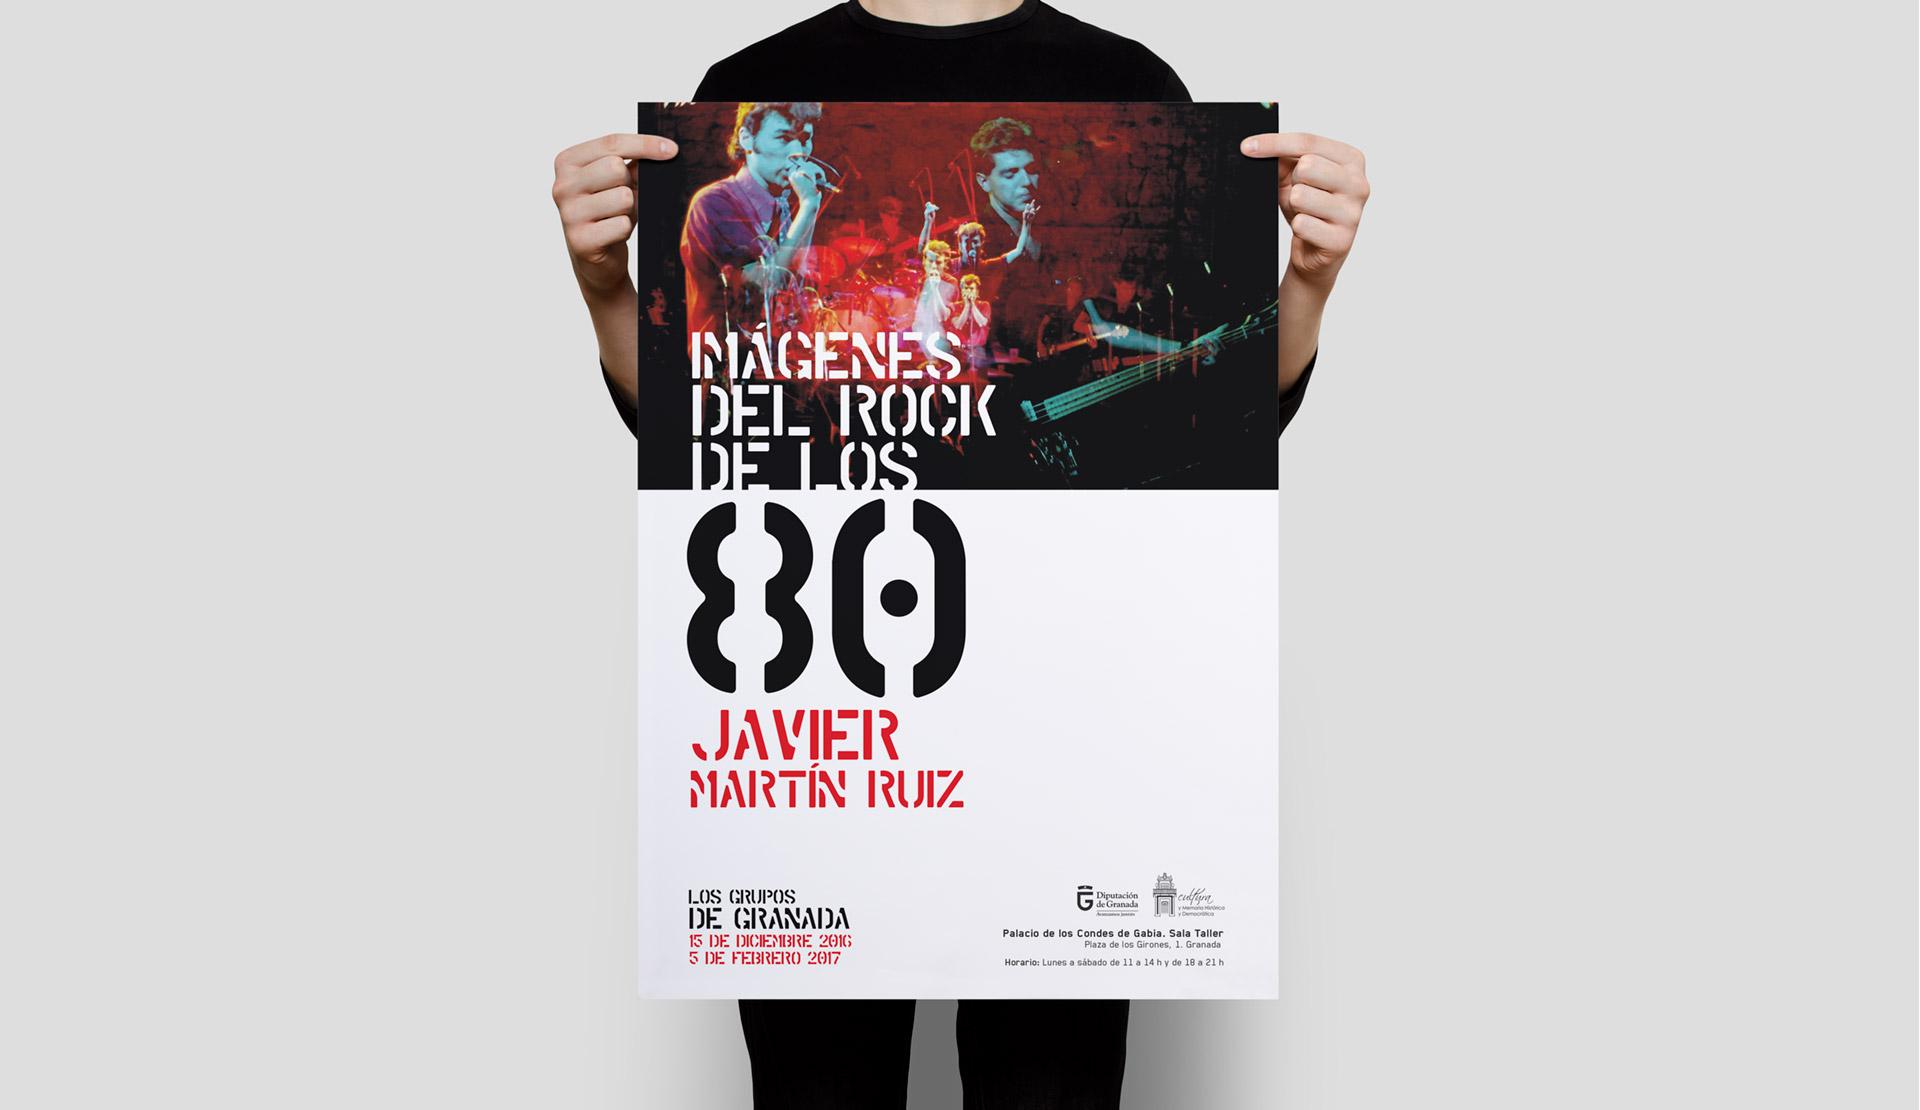 Imagen Imágenes del Rock de los 80 img-total